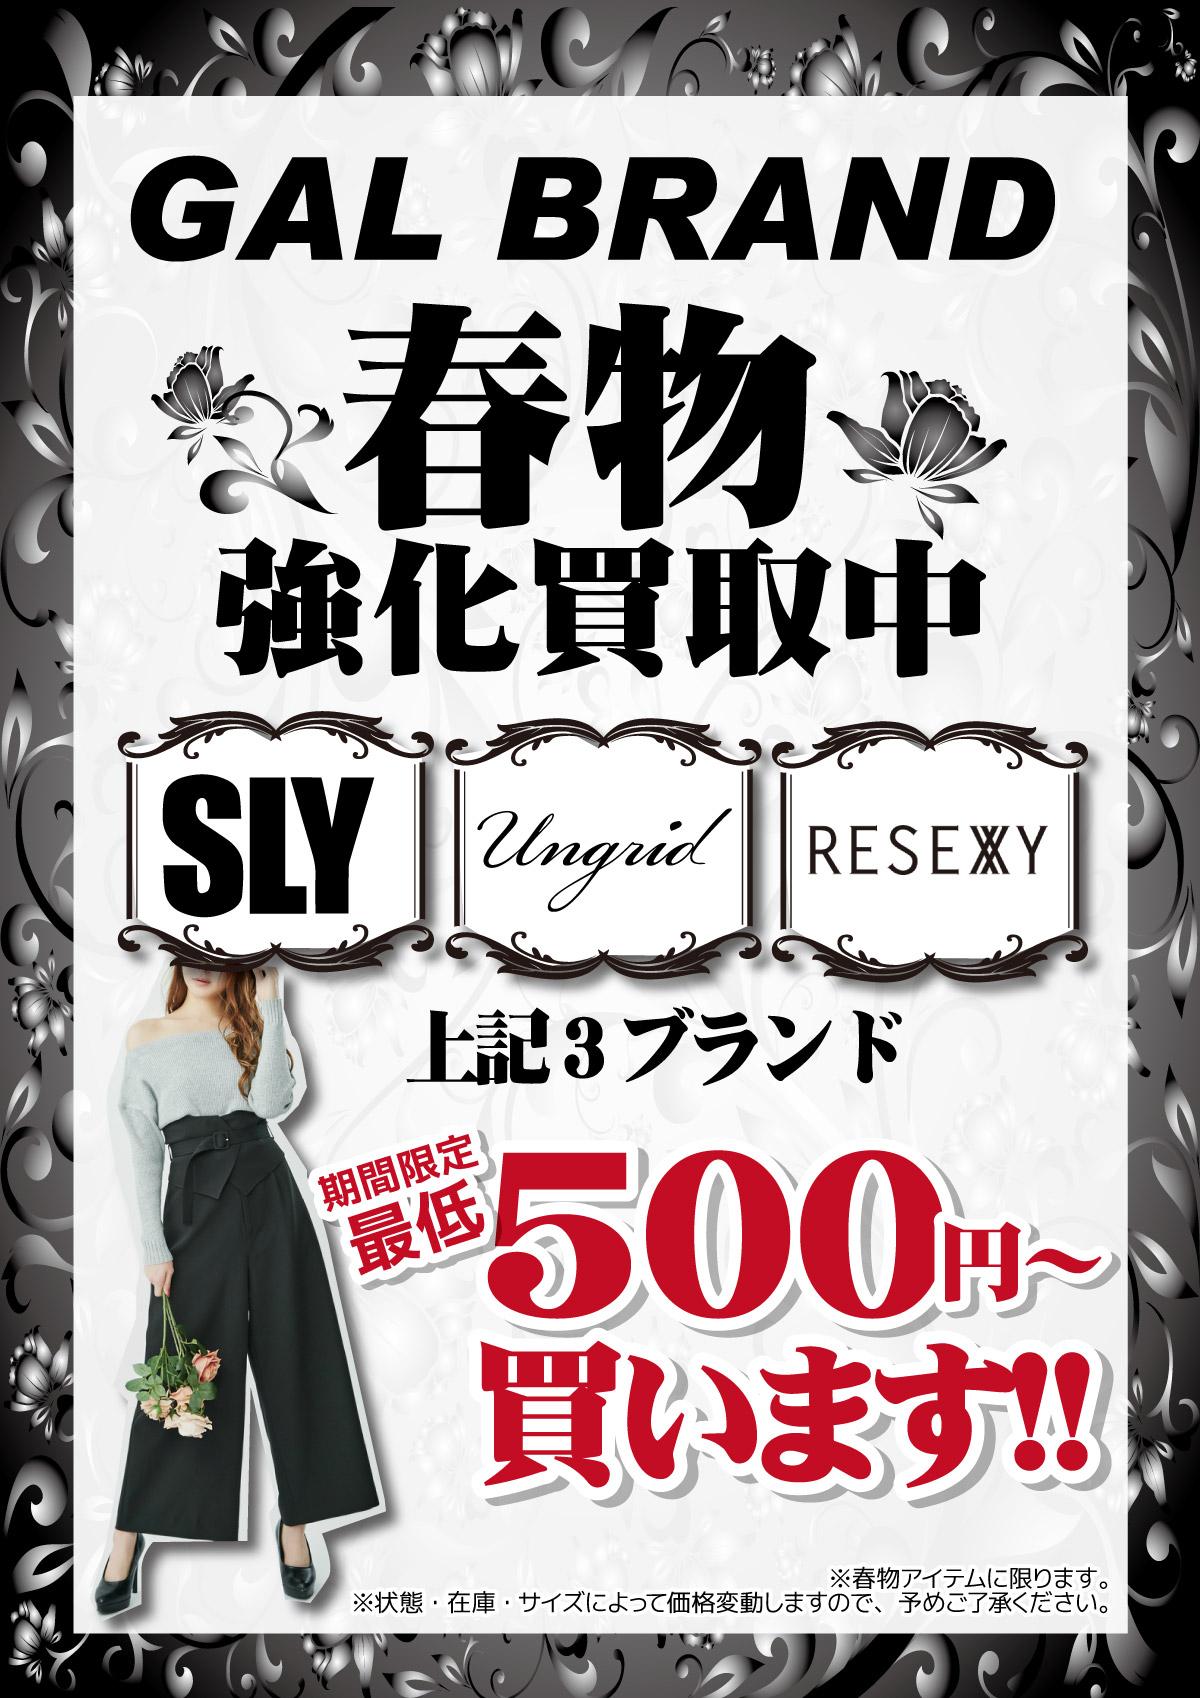 「開放倉庫山城店」古着館レディース衣料<GAL BRAND>春物強化買取中!SLYスライ、Ungridアングリッド、RESEXYリゼクシーの3ブランド最低500円~買います!